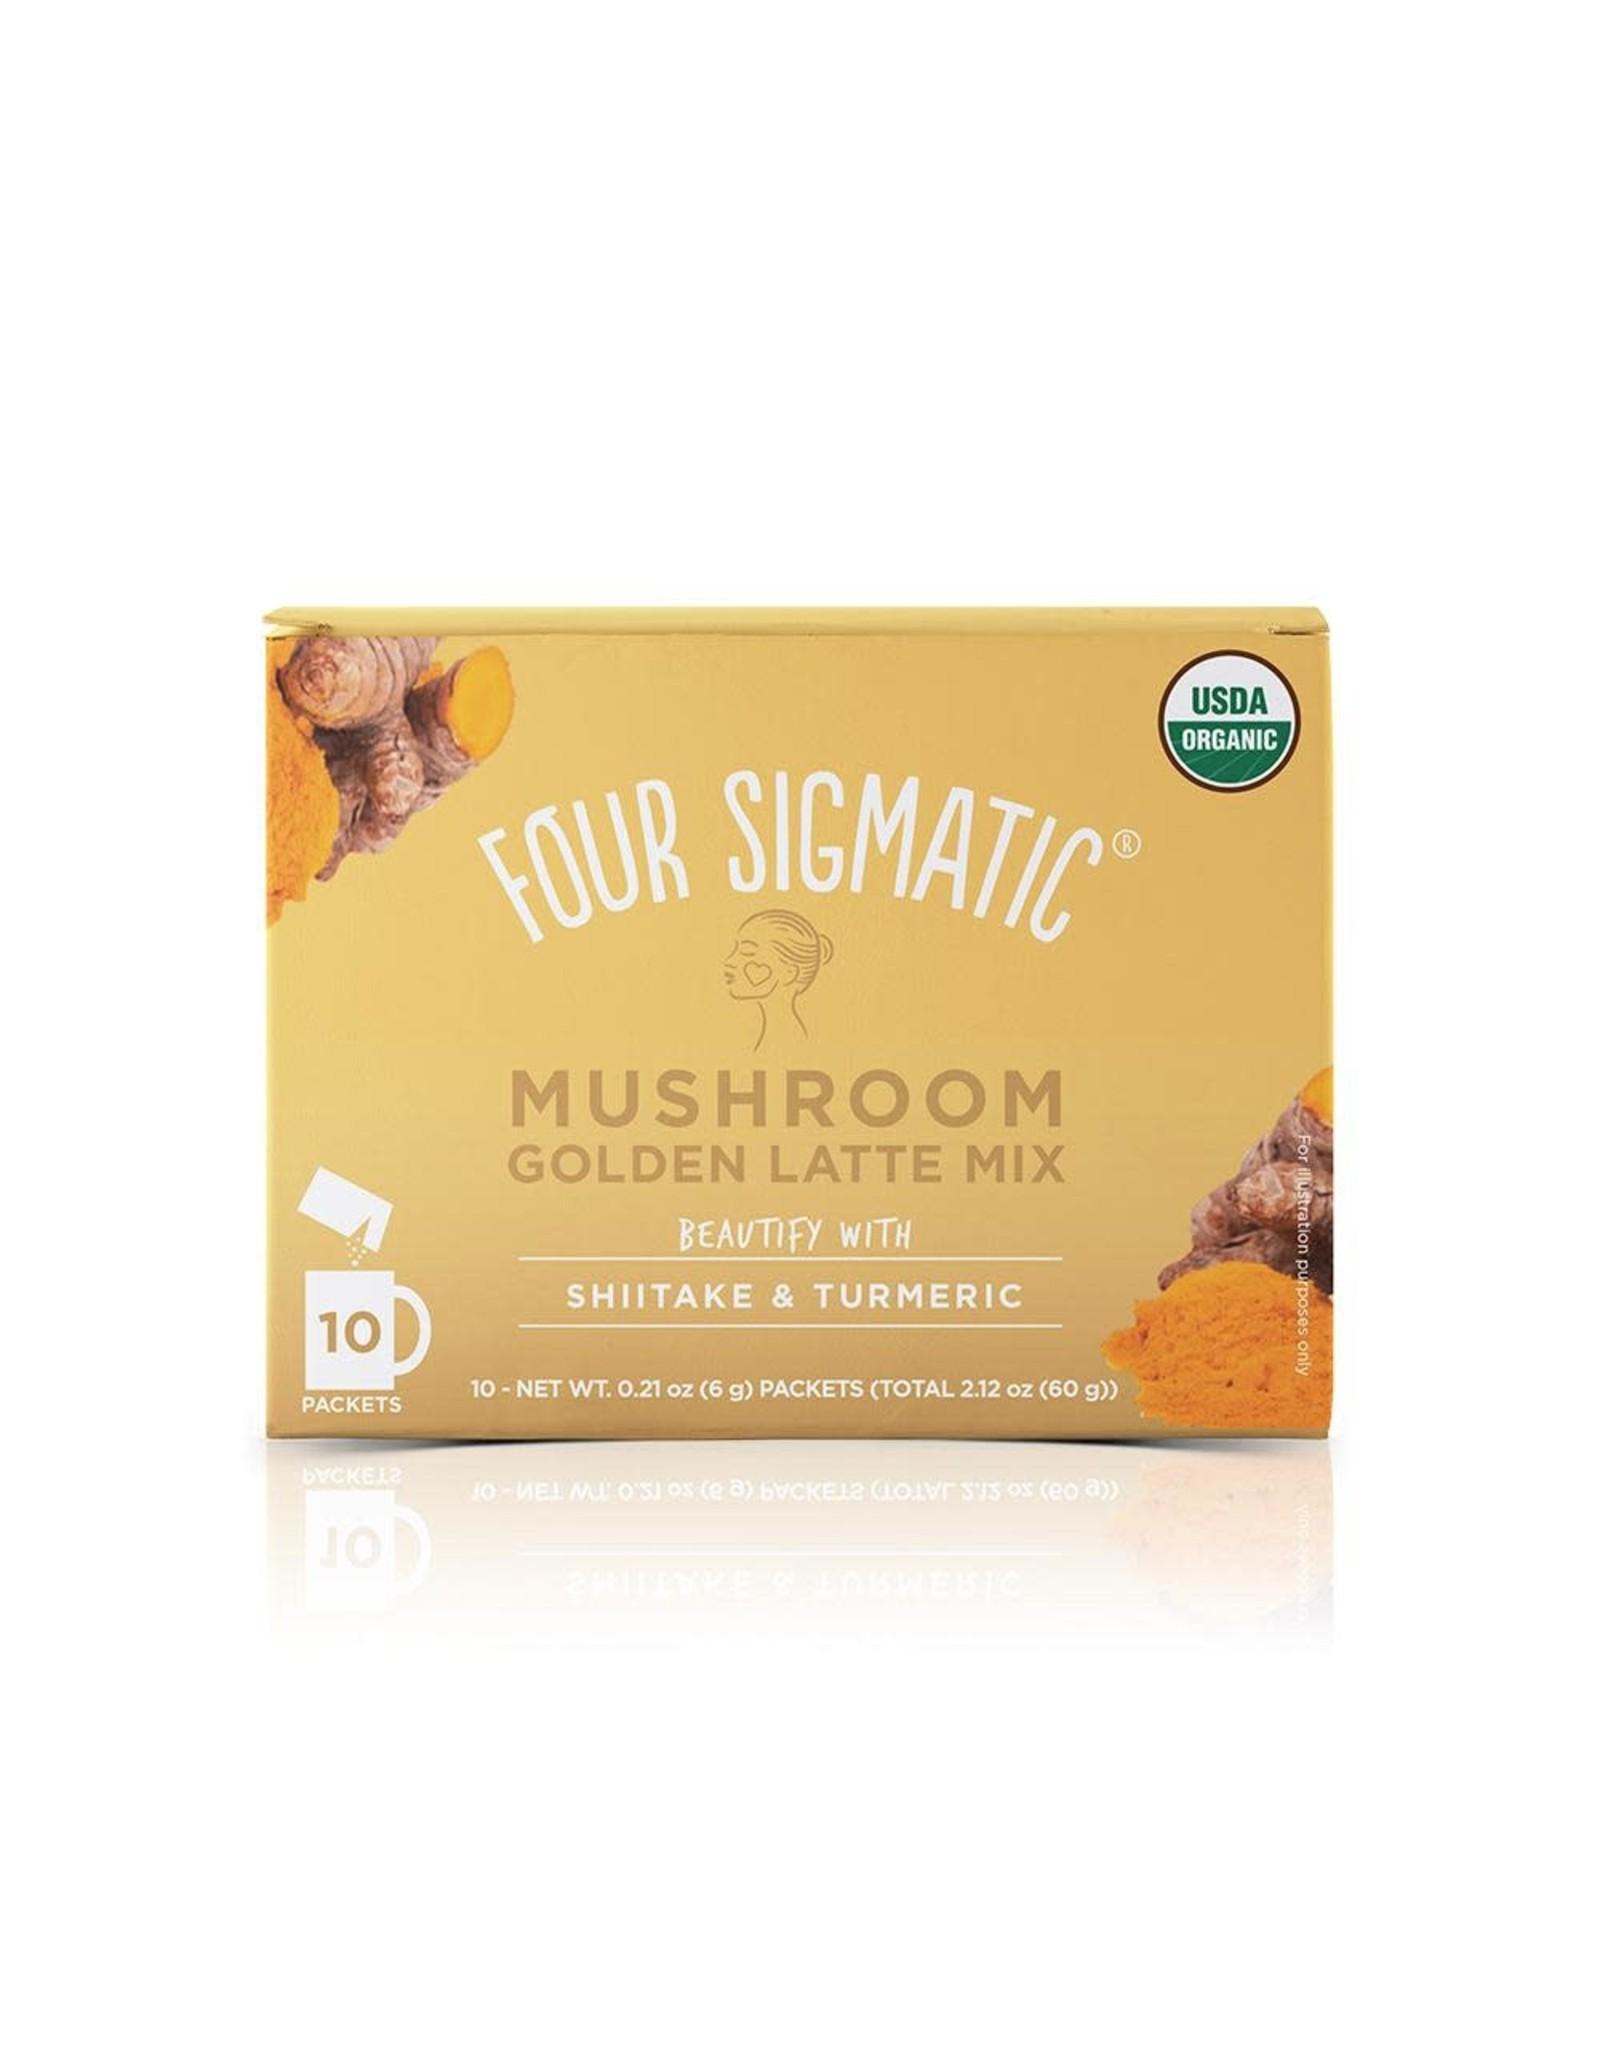 Four Sigmatic Mushroom Golden Latte